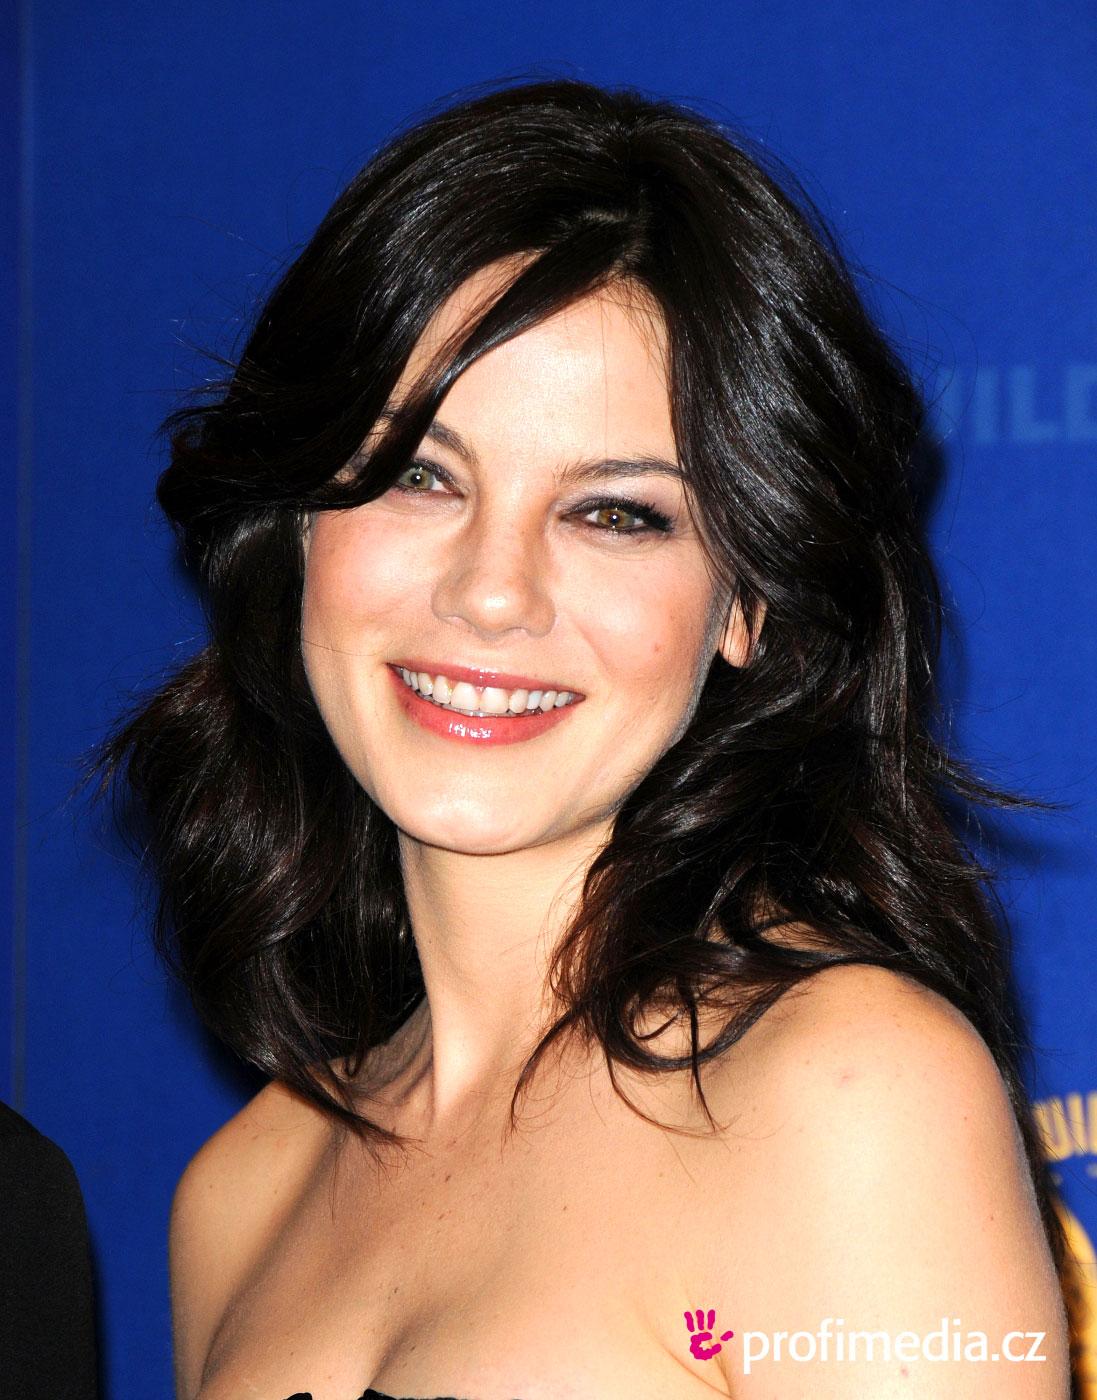 http://1.bp.blogspot.com/-d7mgcEMEDSM/TyiEG4YkqvI/AAAAAAAAJek/AN_arpzEDXc/s1600/michelle-monaghan-hairstyle-5b8b6.jpg